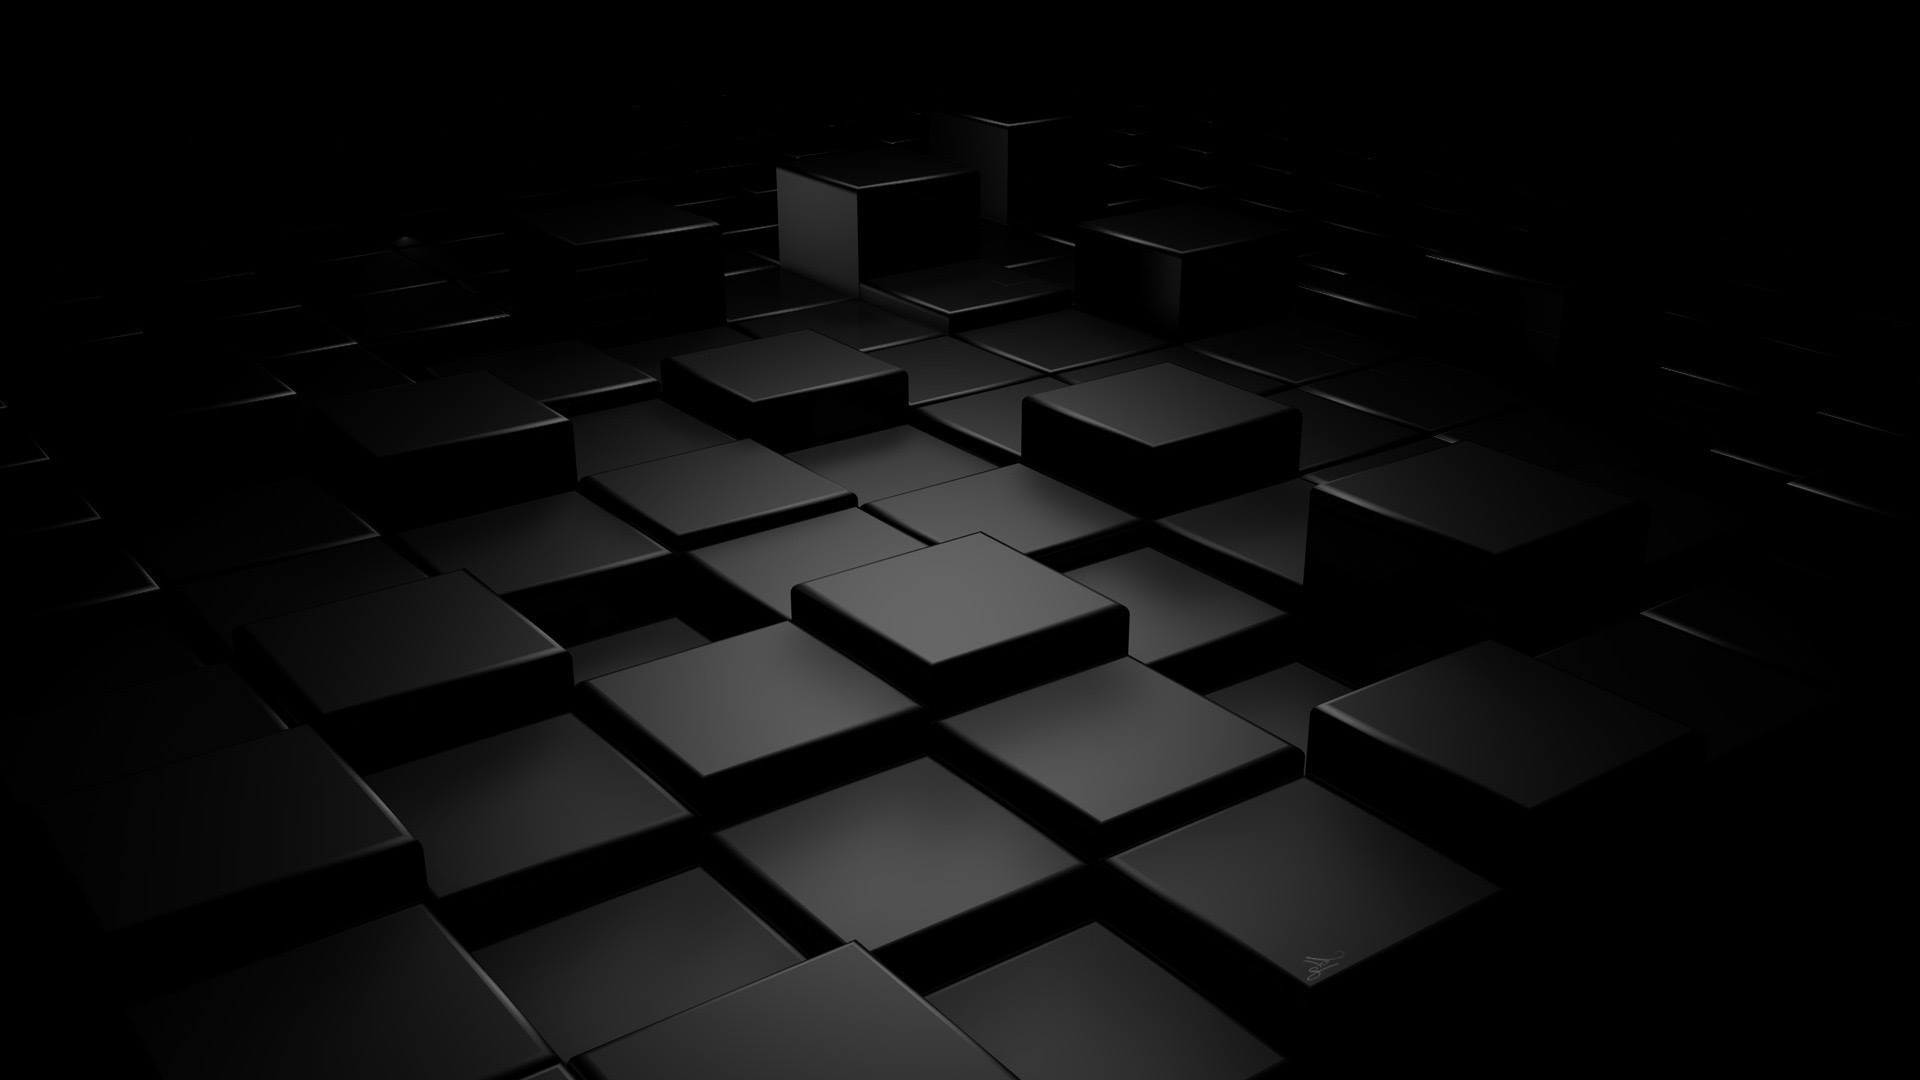 Download 43 Koleksi Background Black Wallpaper Hd Terbaik